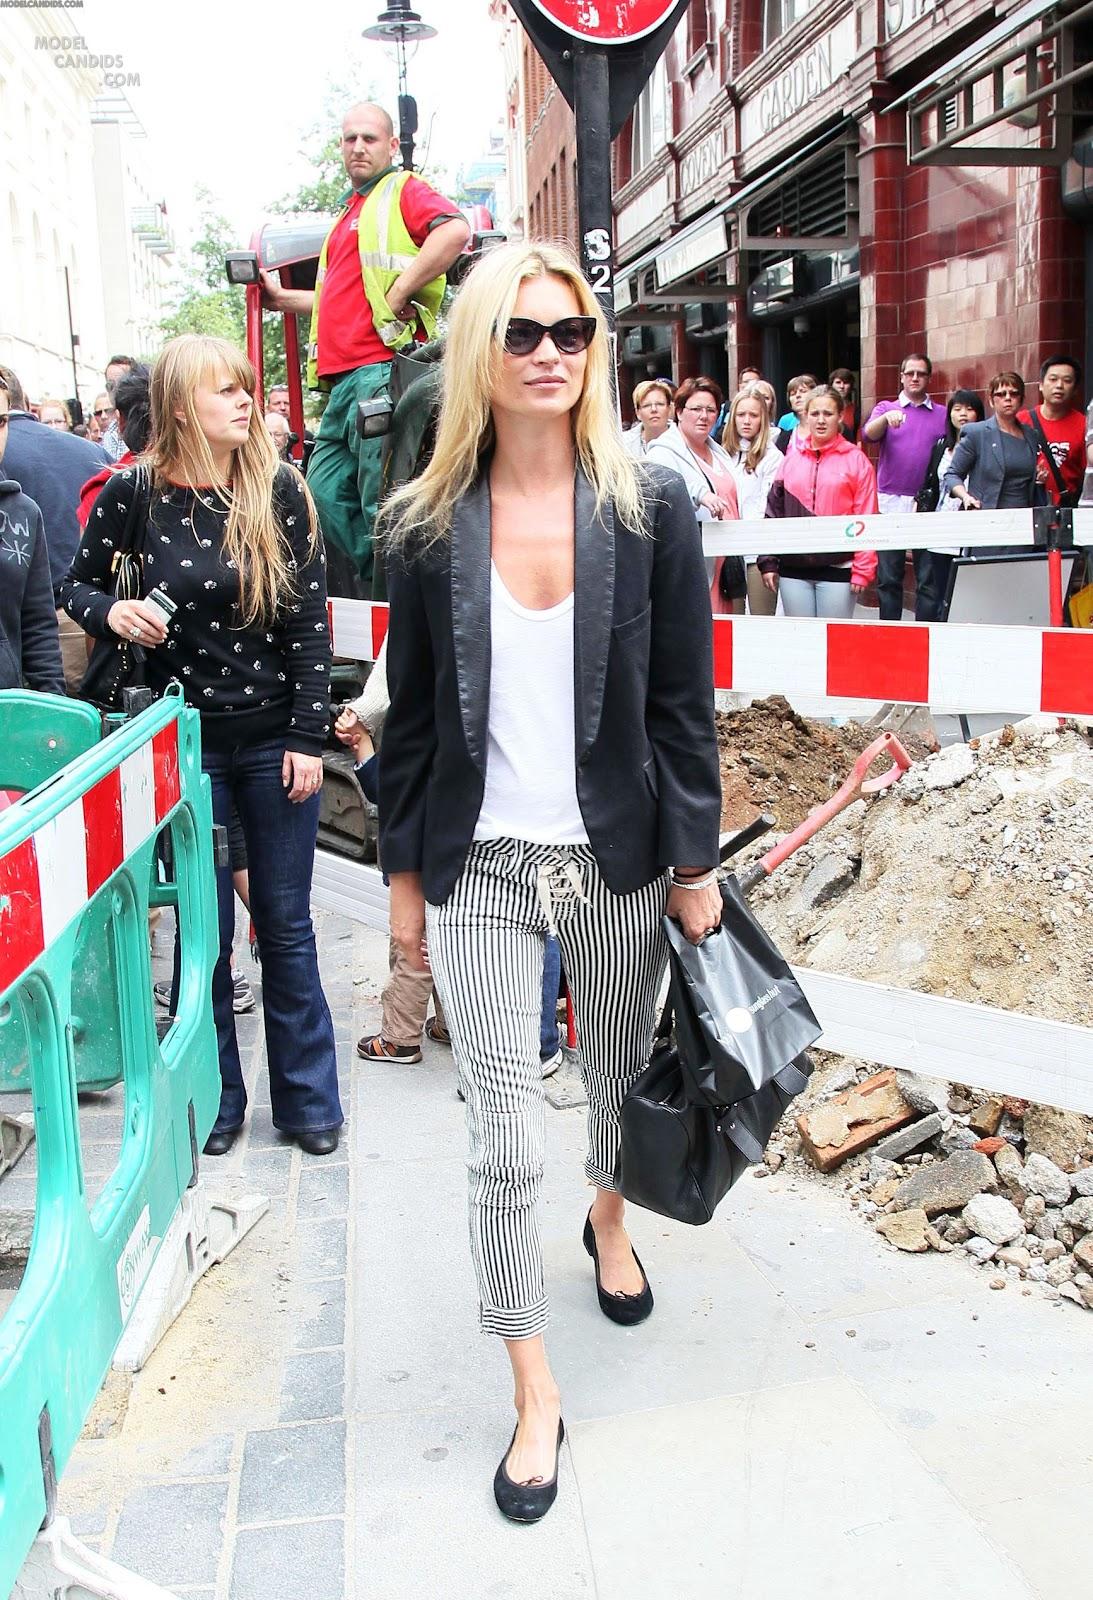 http://4.bp.blogspot.com/-h_uiGw5tgSc/T_YGWULQGkI/AAAAAAAACu0/NHBUdPF9oNU/s1600/kate-moss-shopping-in-lon-125.jpg